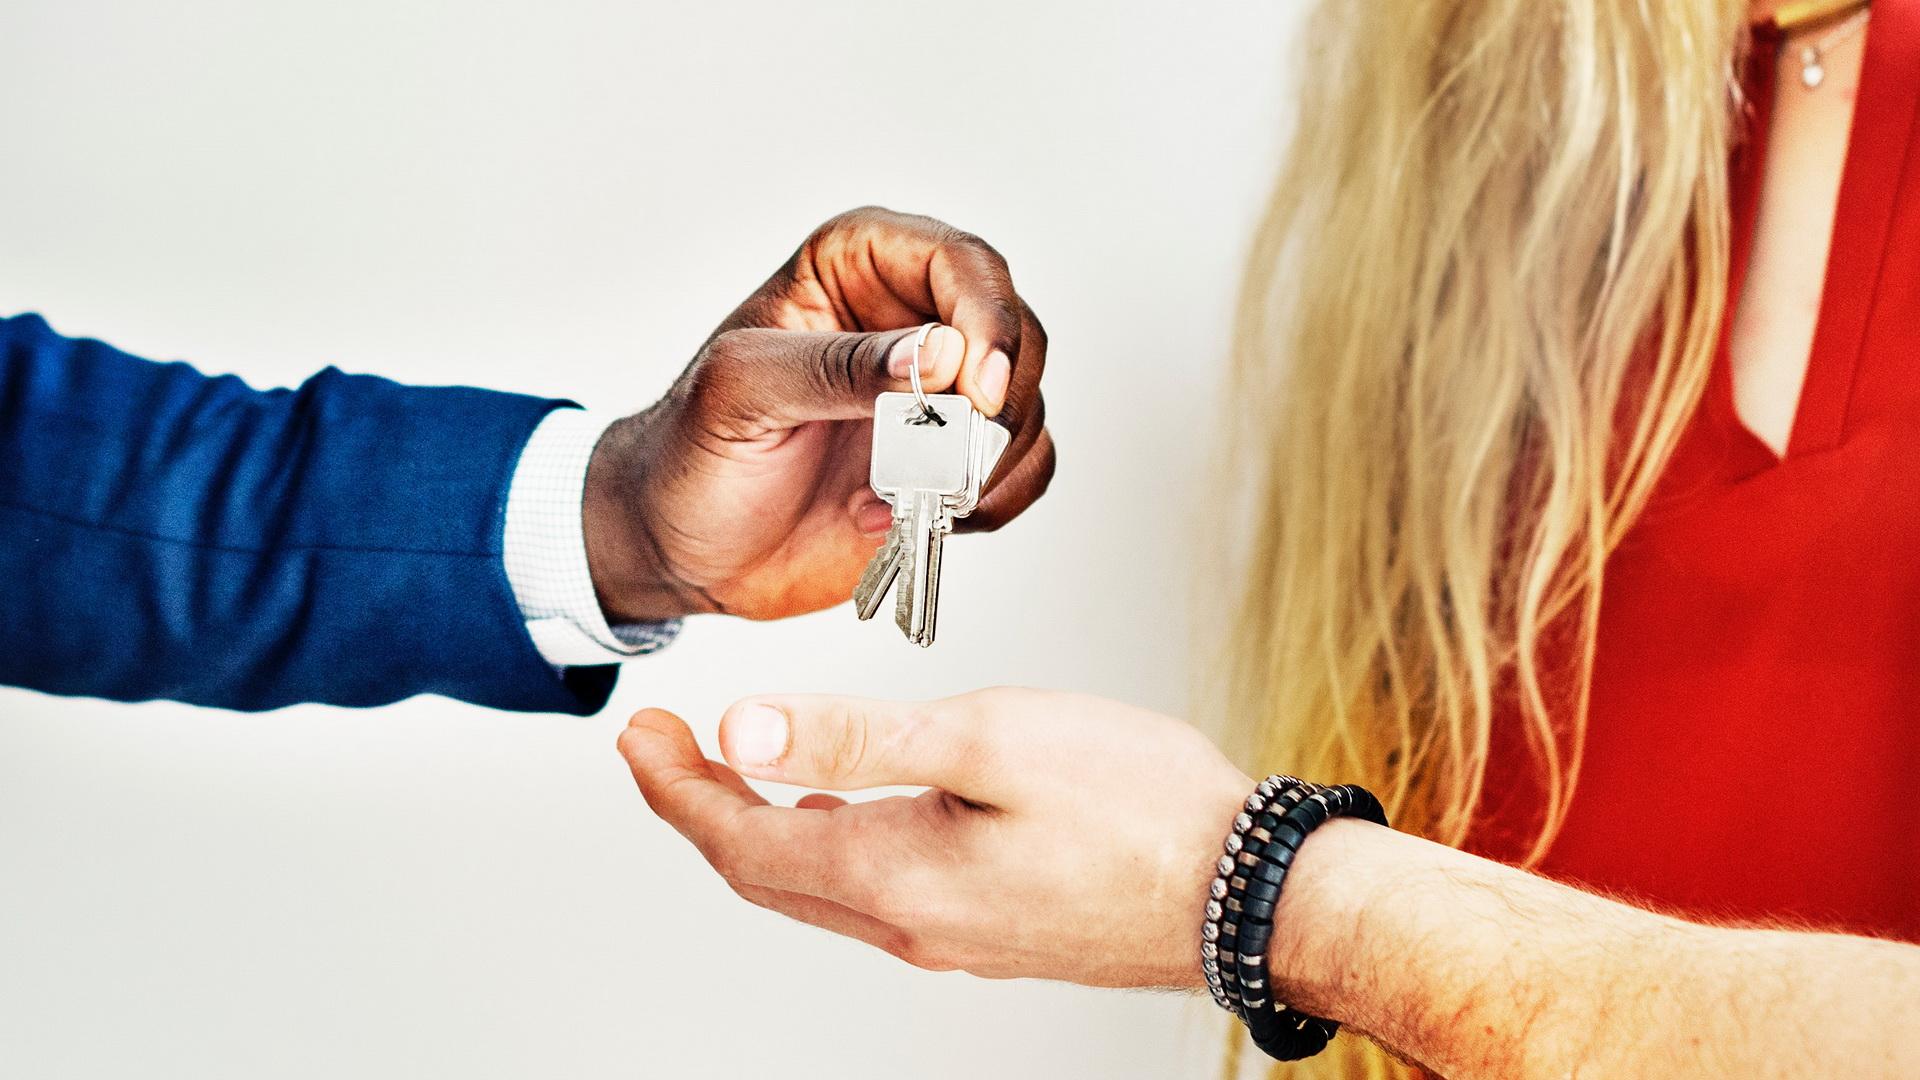 Cum e mai bine să vinzi: singur sau prin intermediul unei agenții imobiliare?